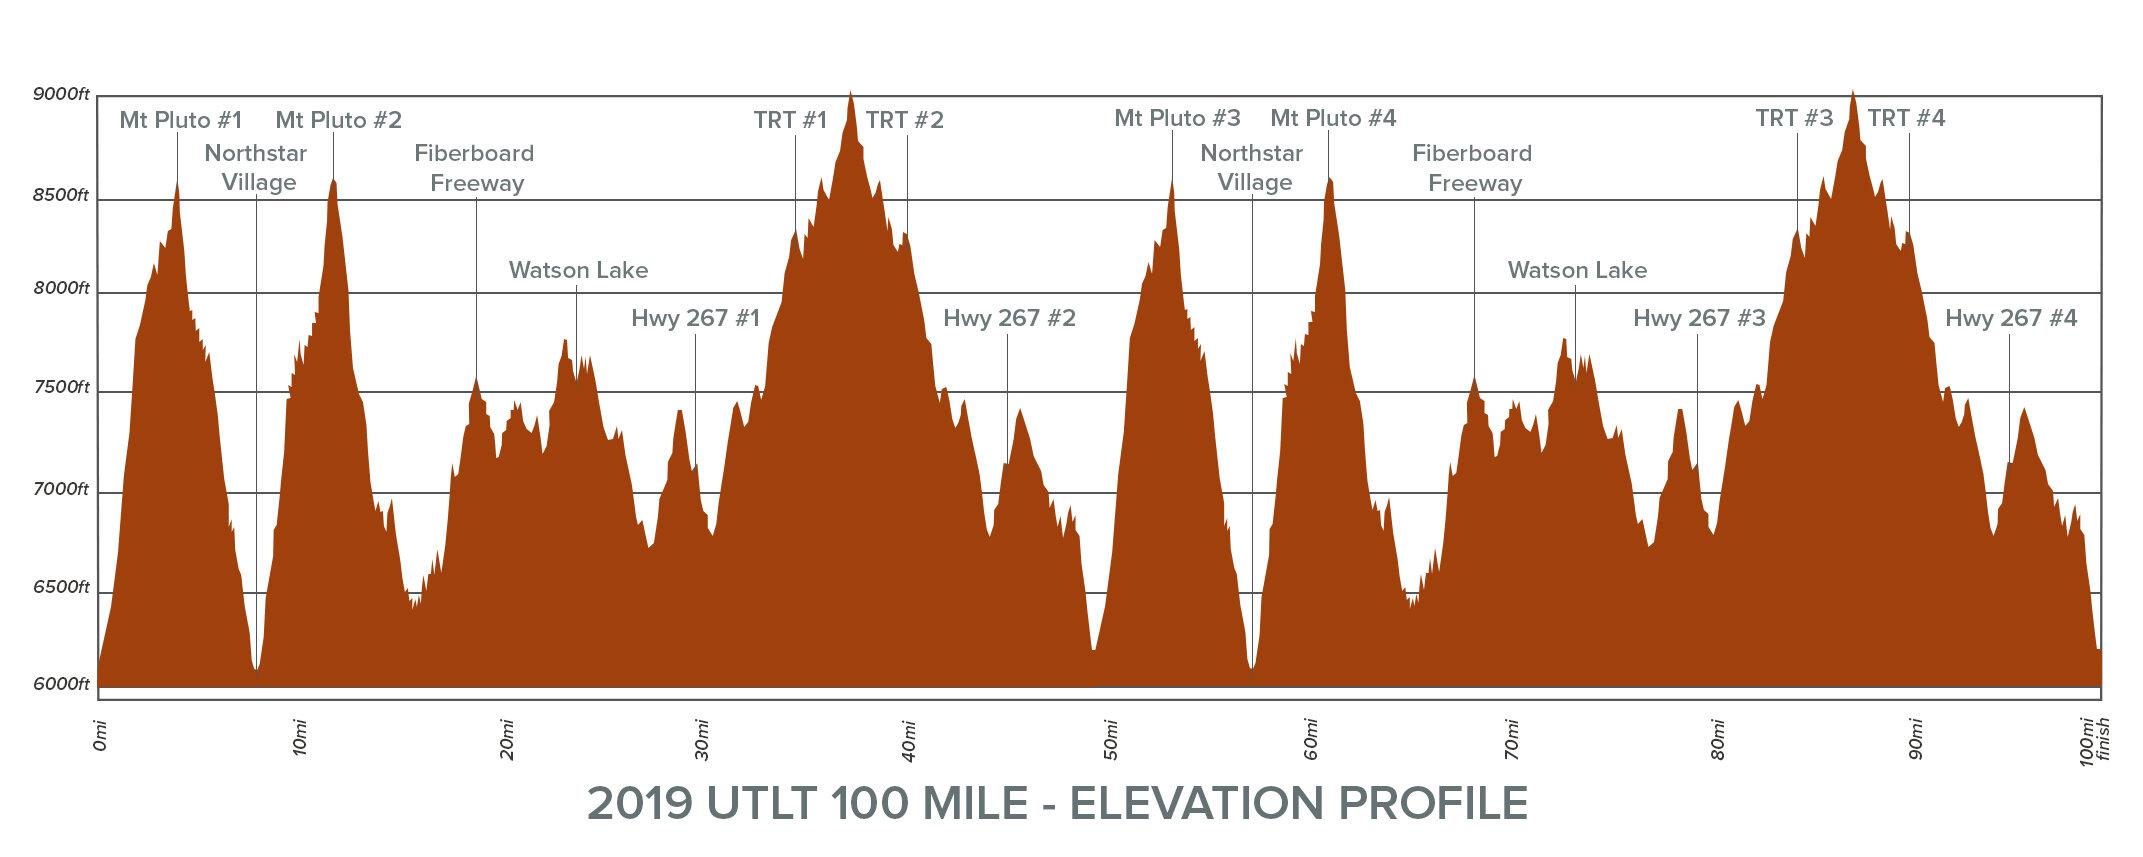 UTLT100 Mile Elevation Chart 2019.jpg